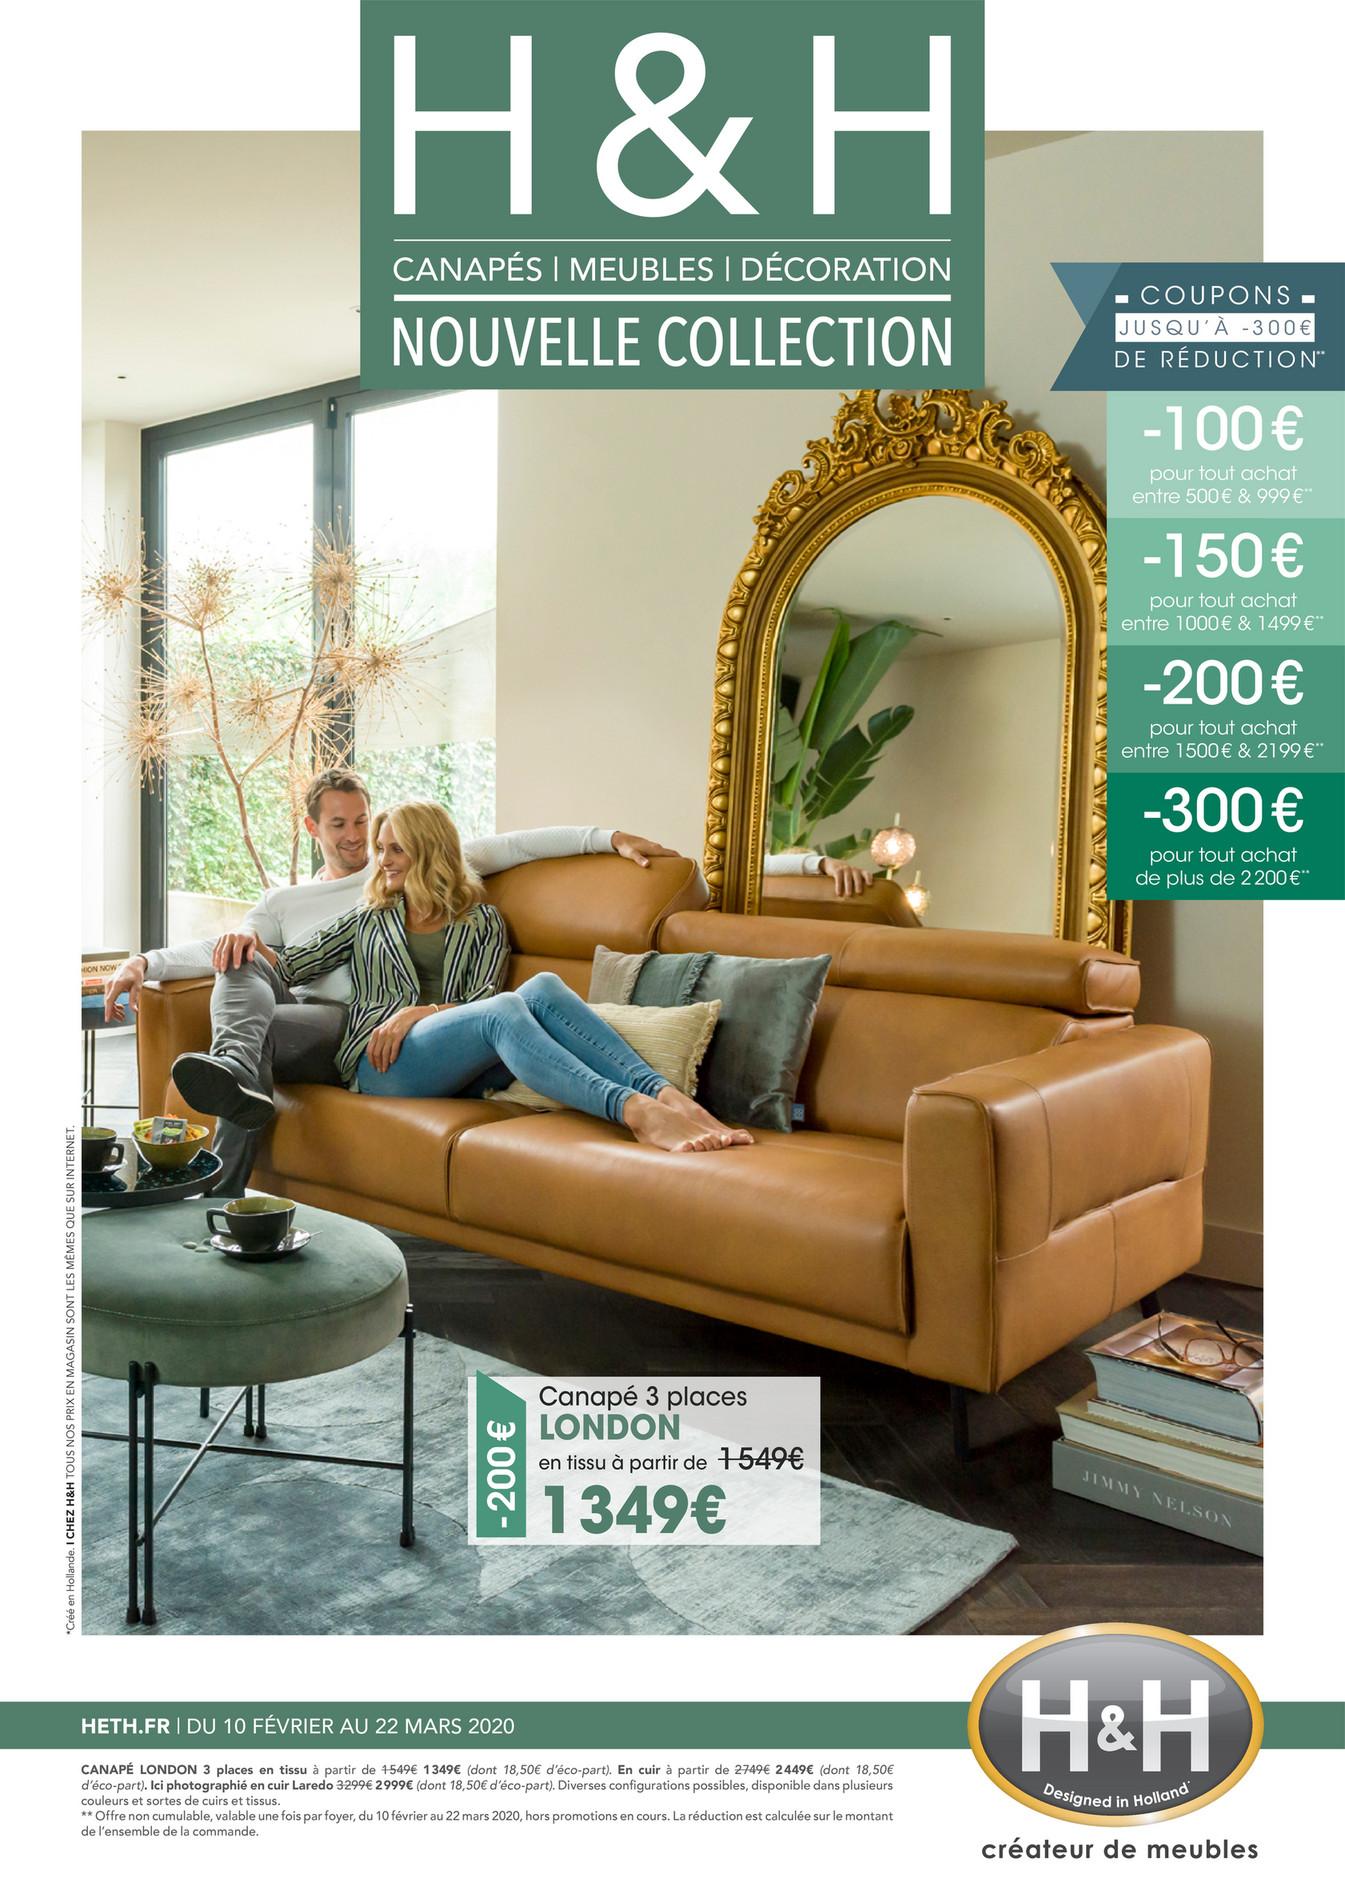 H&H créateur de meubles NOUVELLE COLLECTION DU 10 FÉVRIER